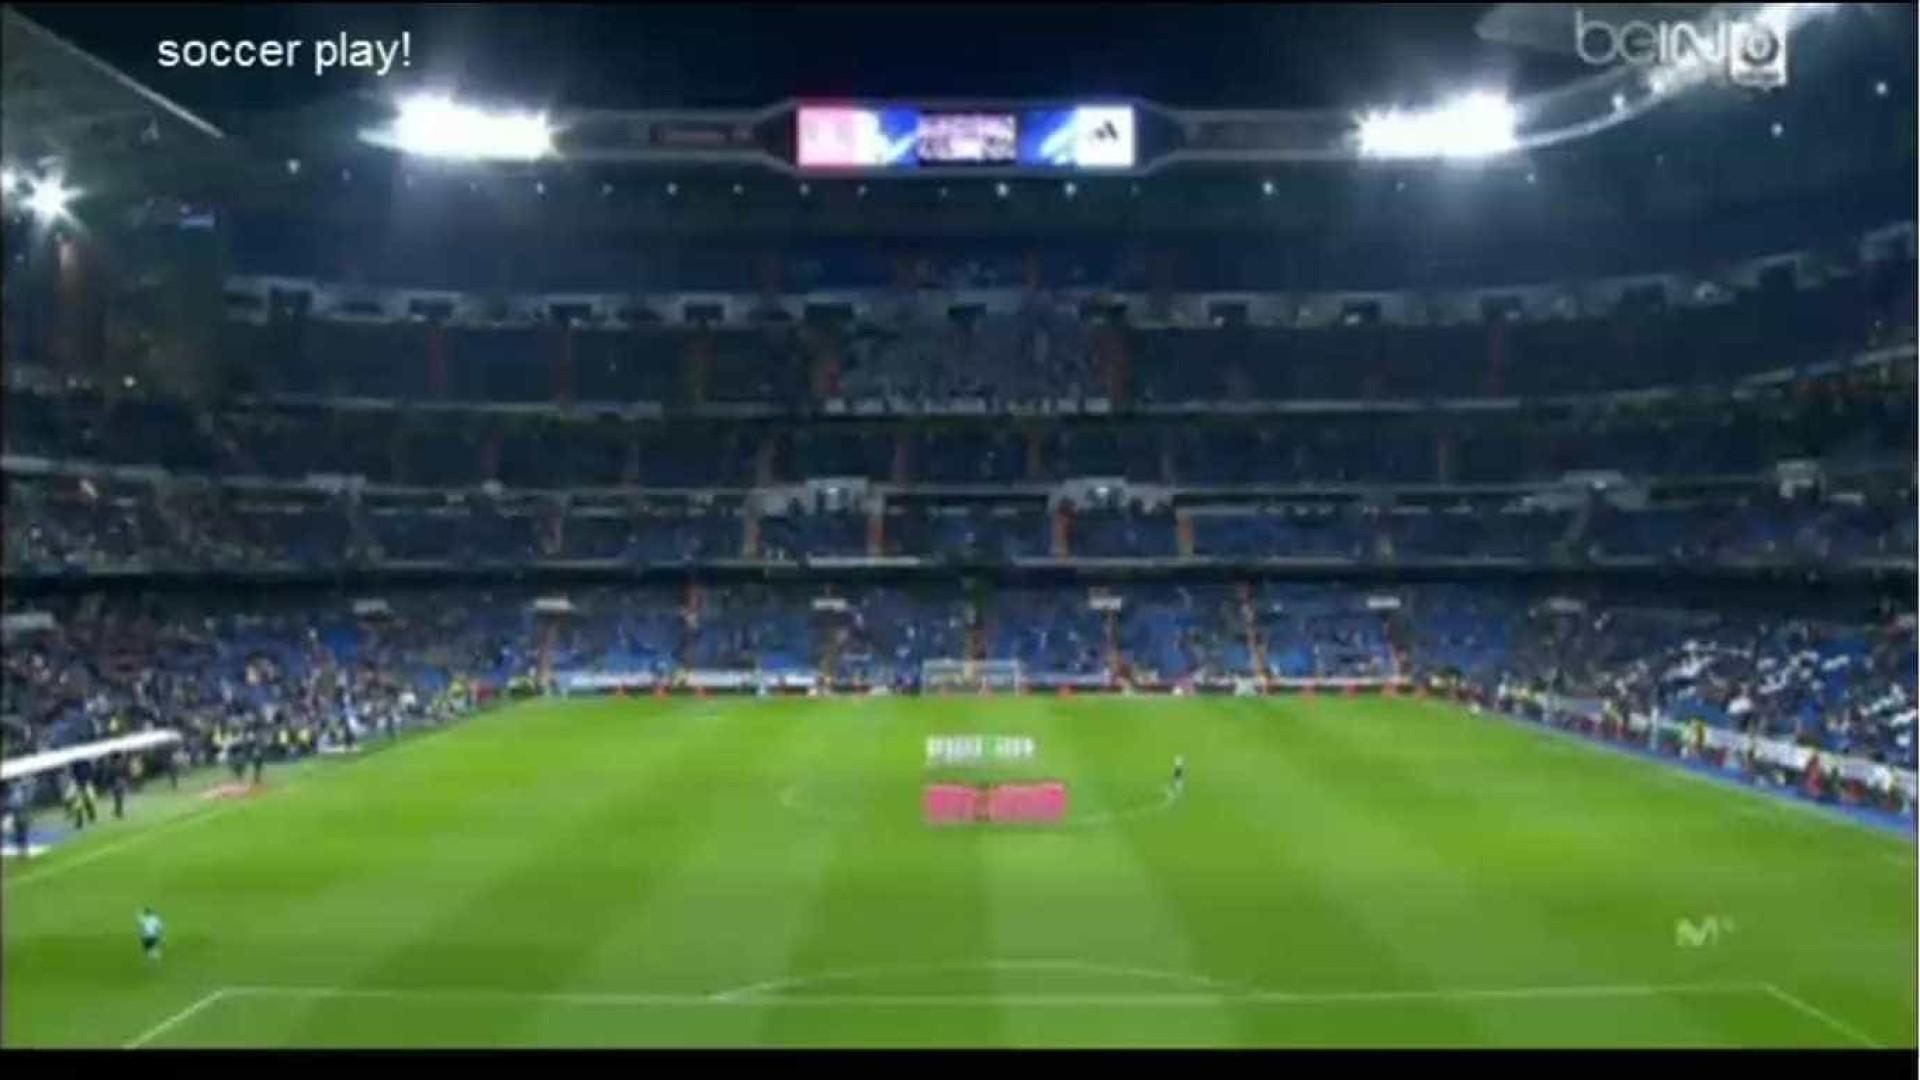 Santiago Bernabéu prestou homenagem ao Chapecoense